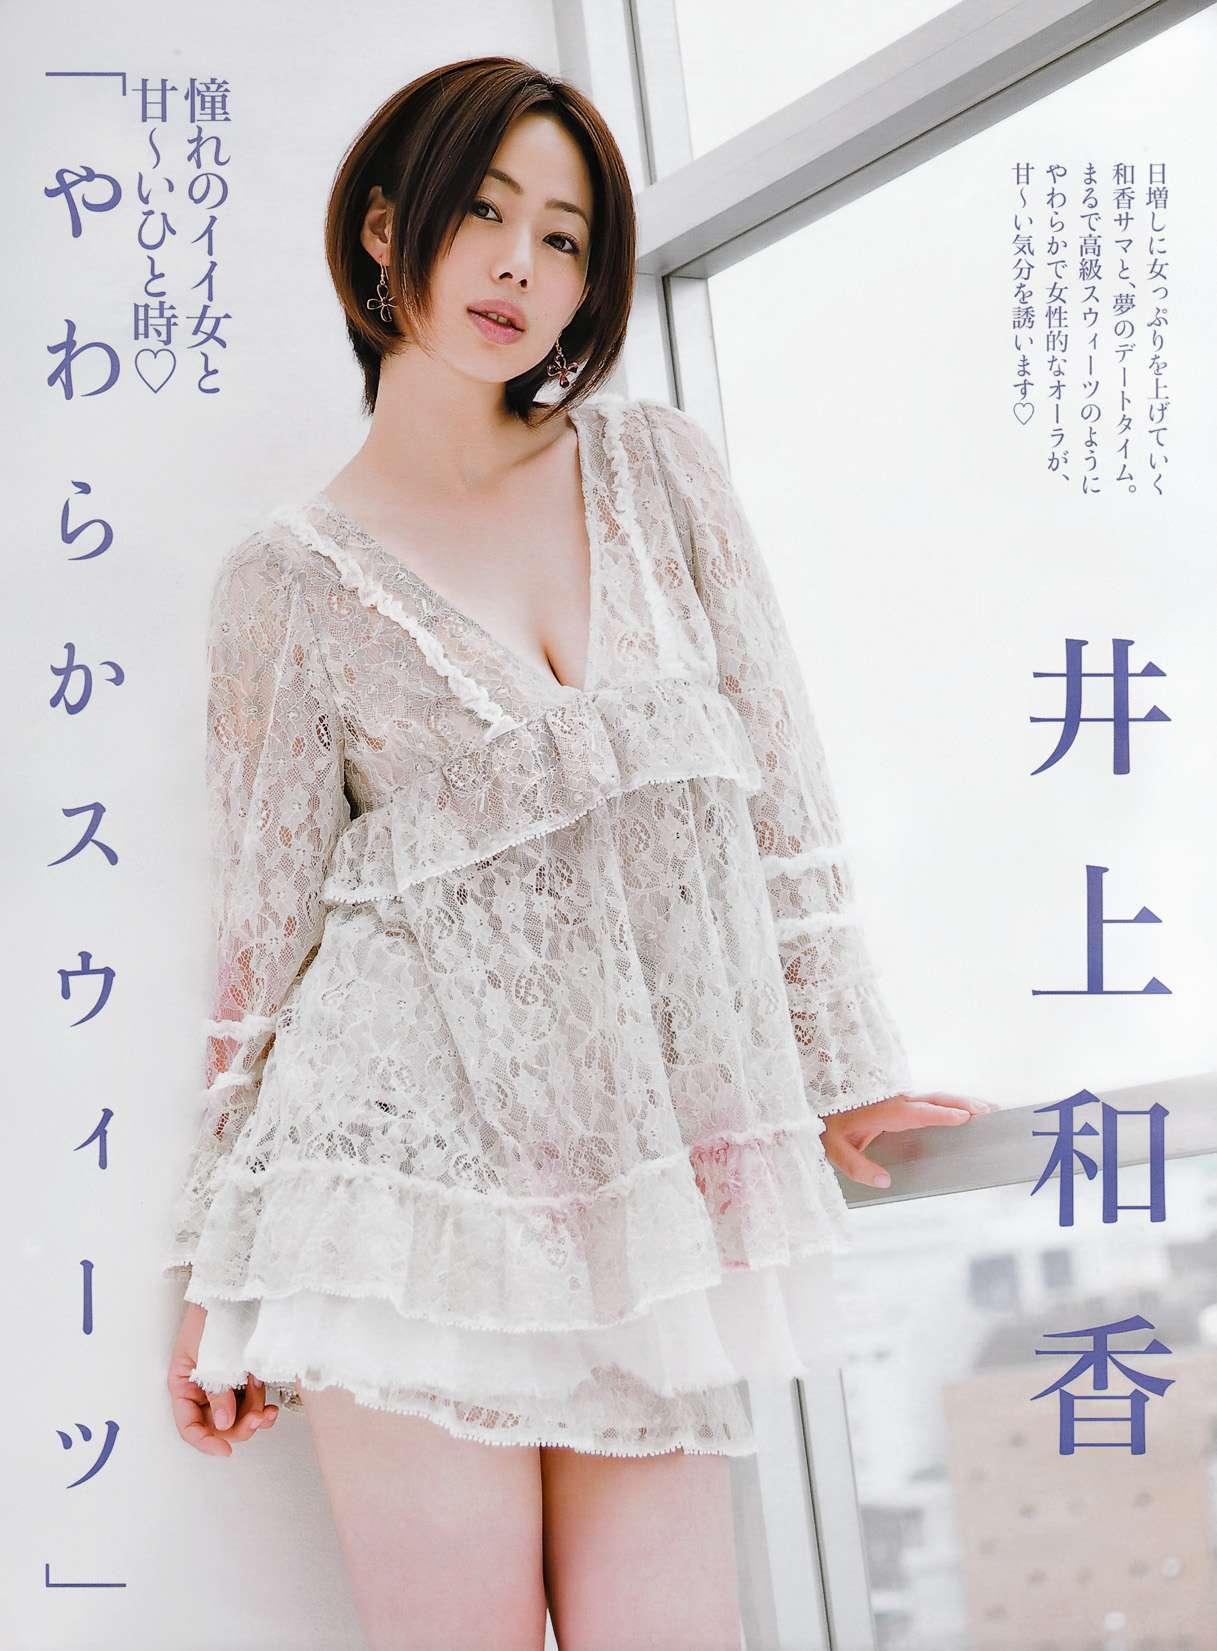 inoue_waka201.jpg